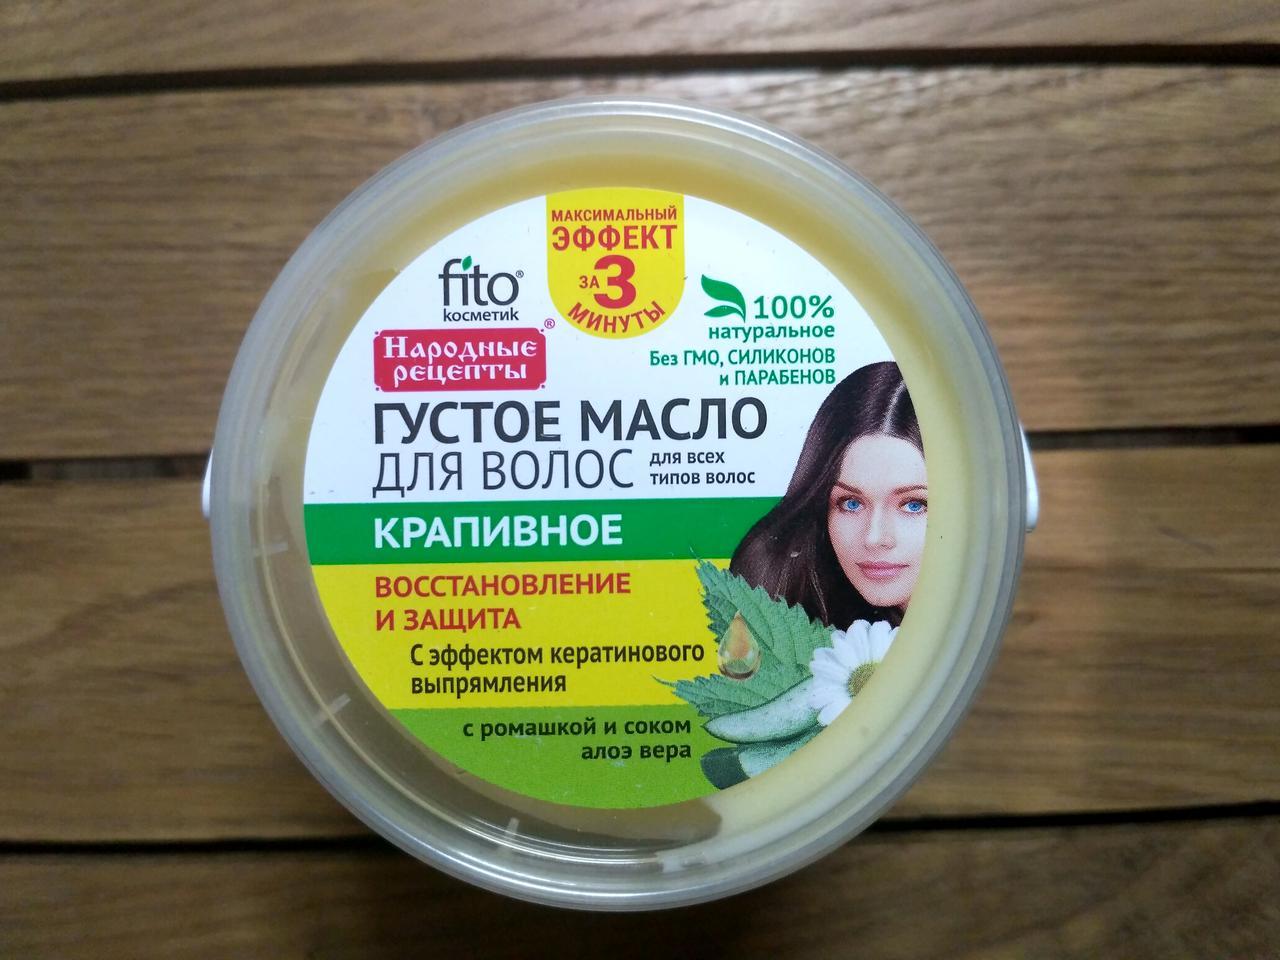 """Крапивное масло густое для волос """"Народные рецепты"""", Фитокосметик, 155 мл"""